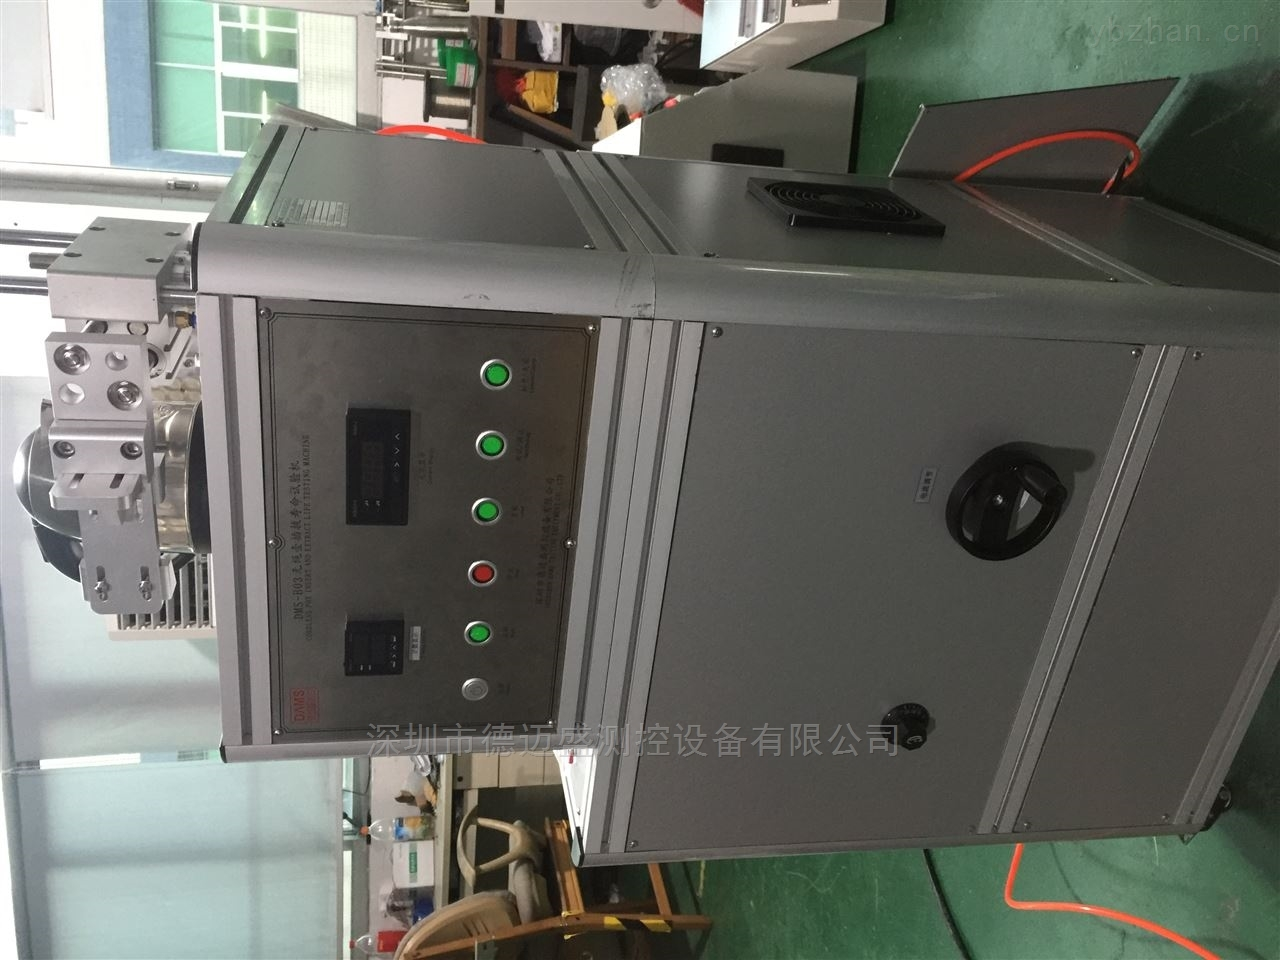 电水壶插拔耐久测试仪